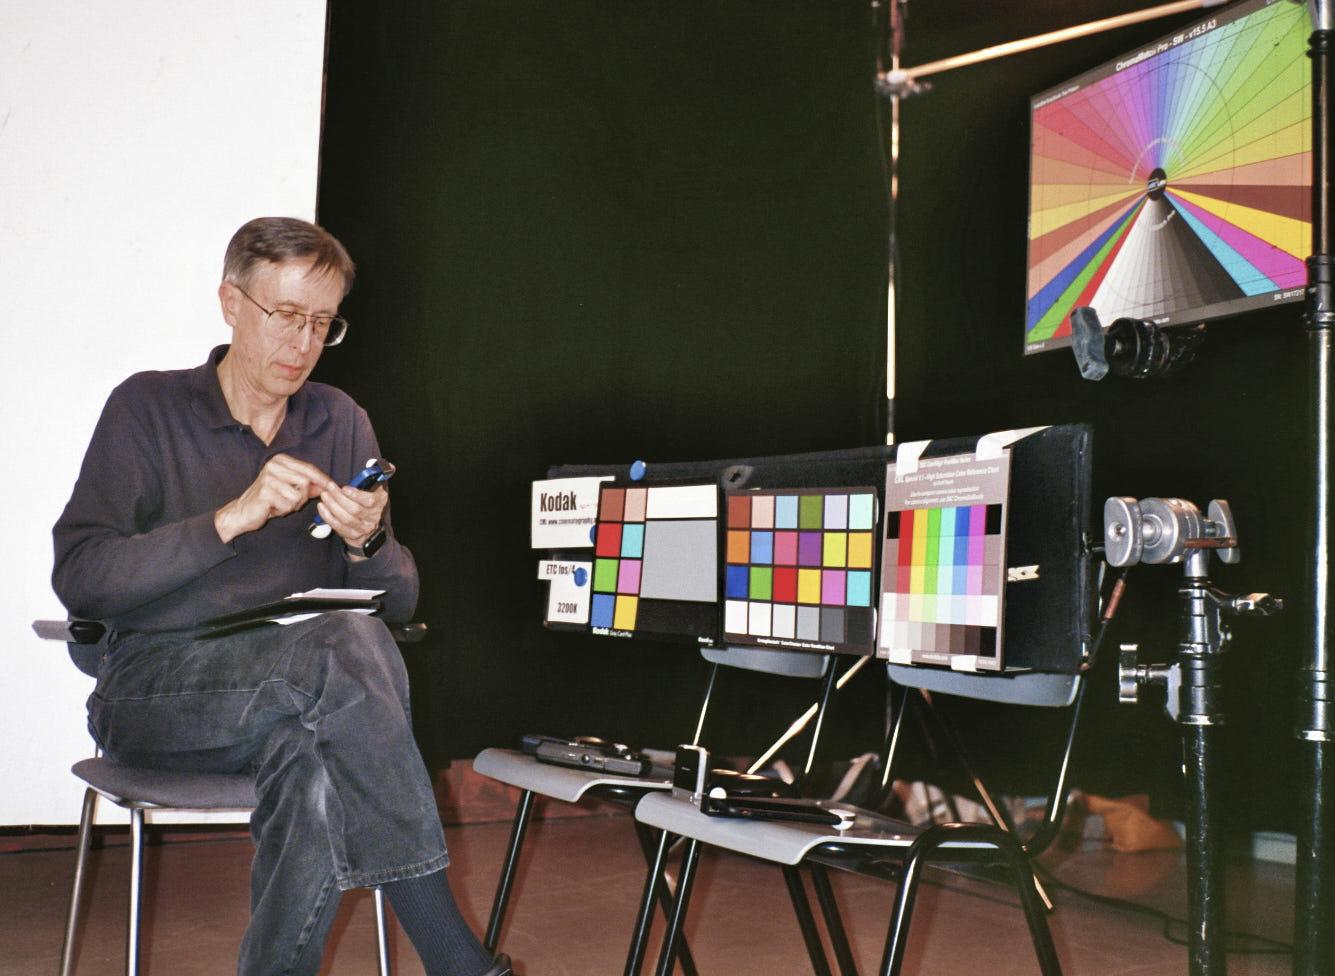 Adam Wilt fiddling with color meters